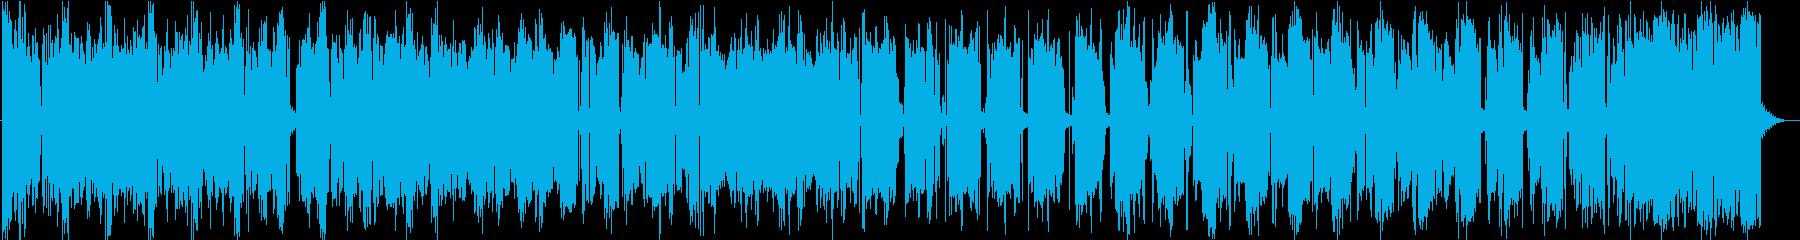 イメージ ストレスアウトロボット01の再生済みの波形